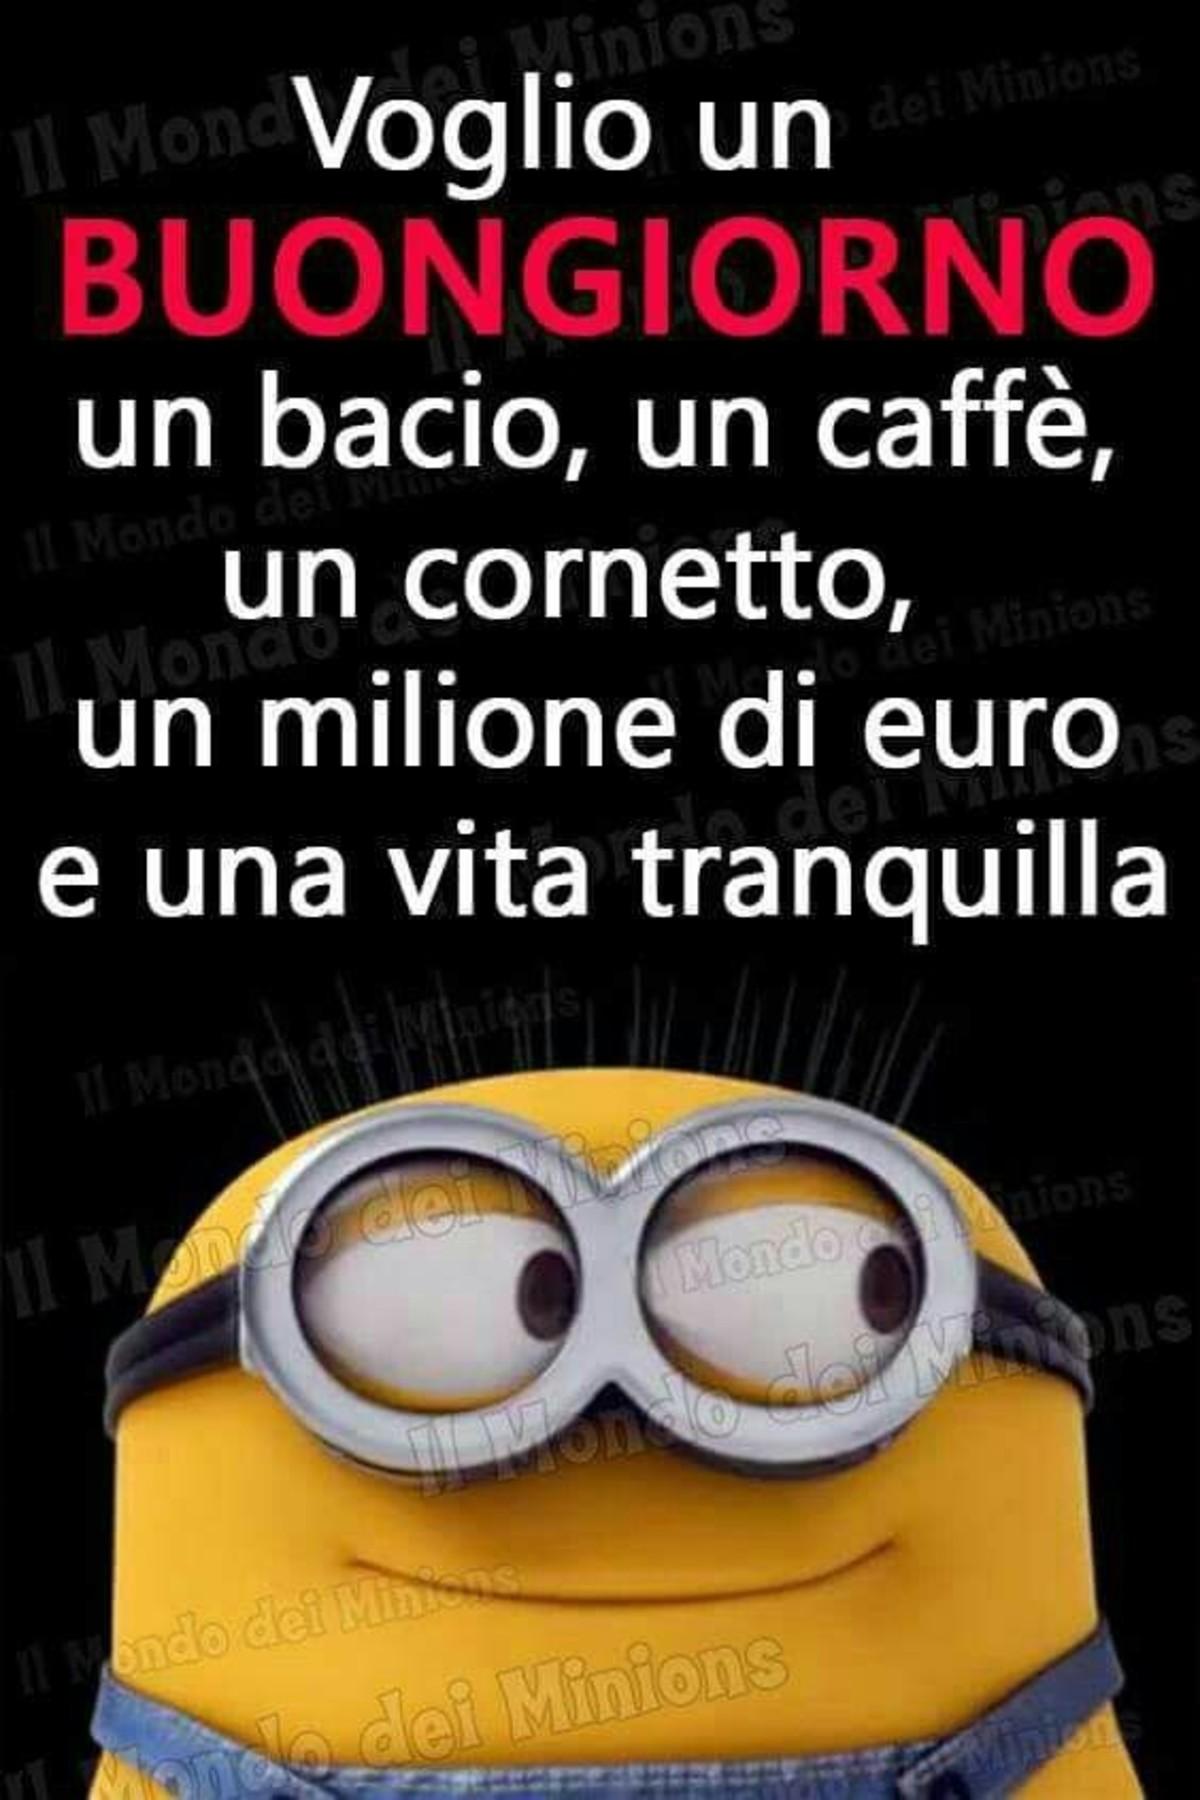 Voglio un Buongiorno, un bacio, un caffè, un cornetto, un milione di euro, una vita tranquilla! (Minions)